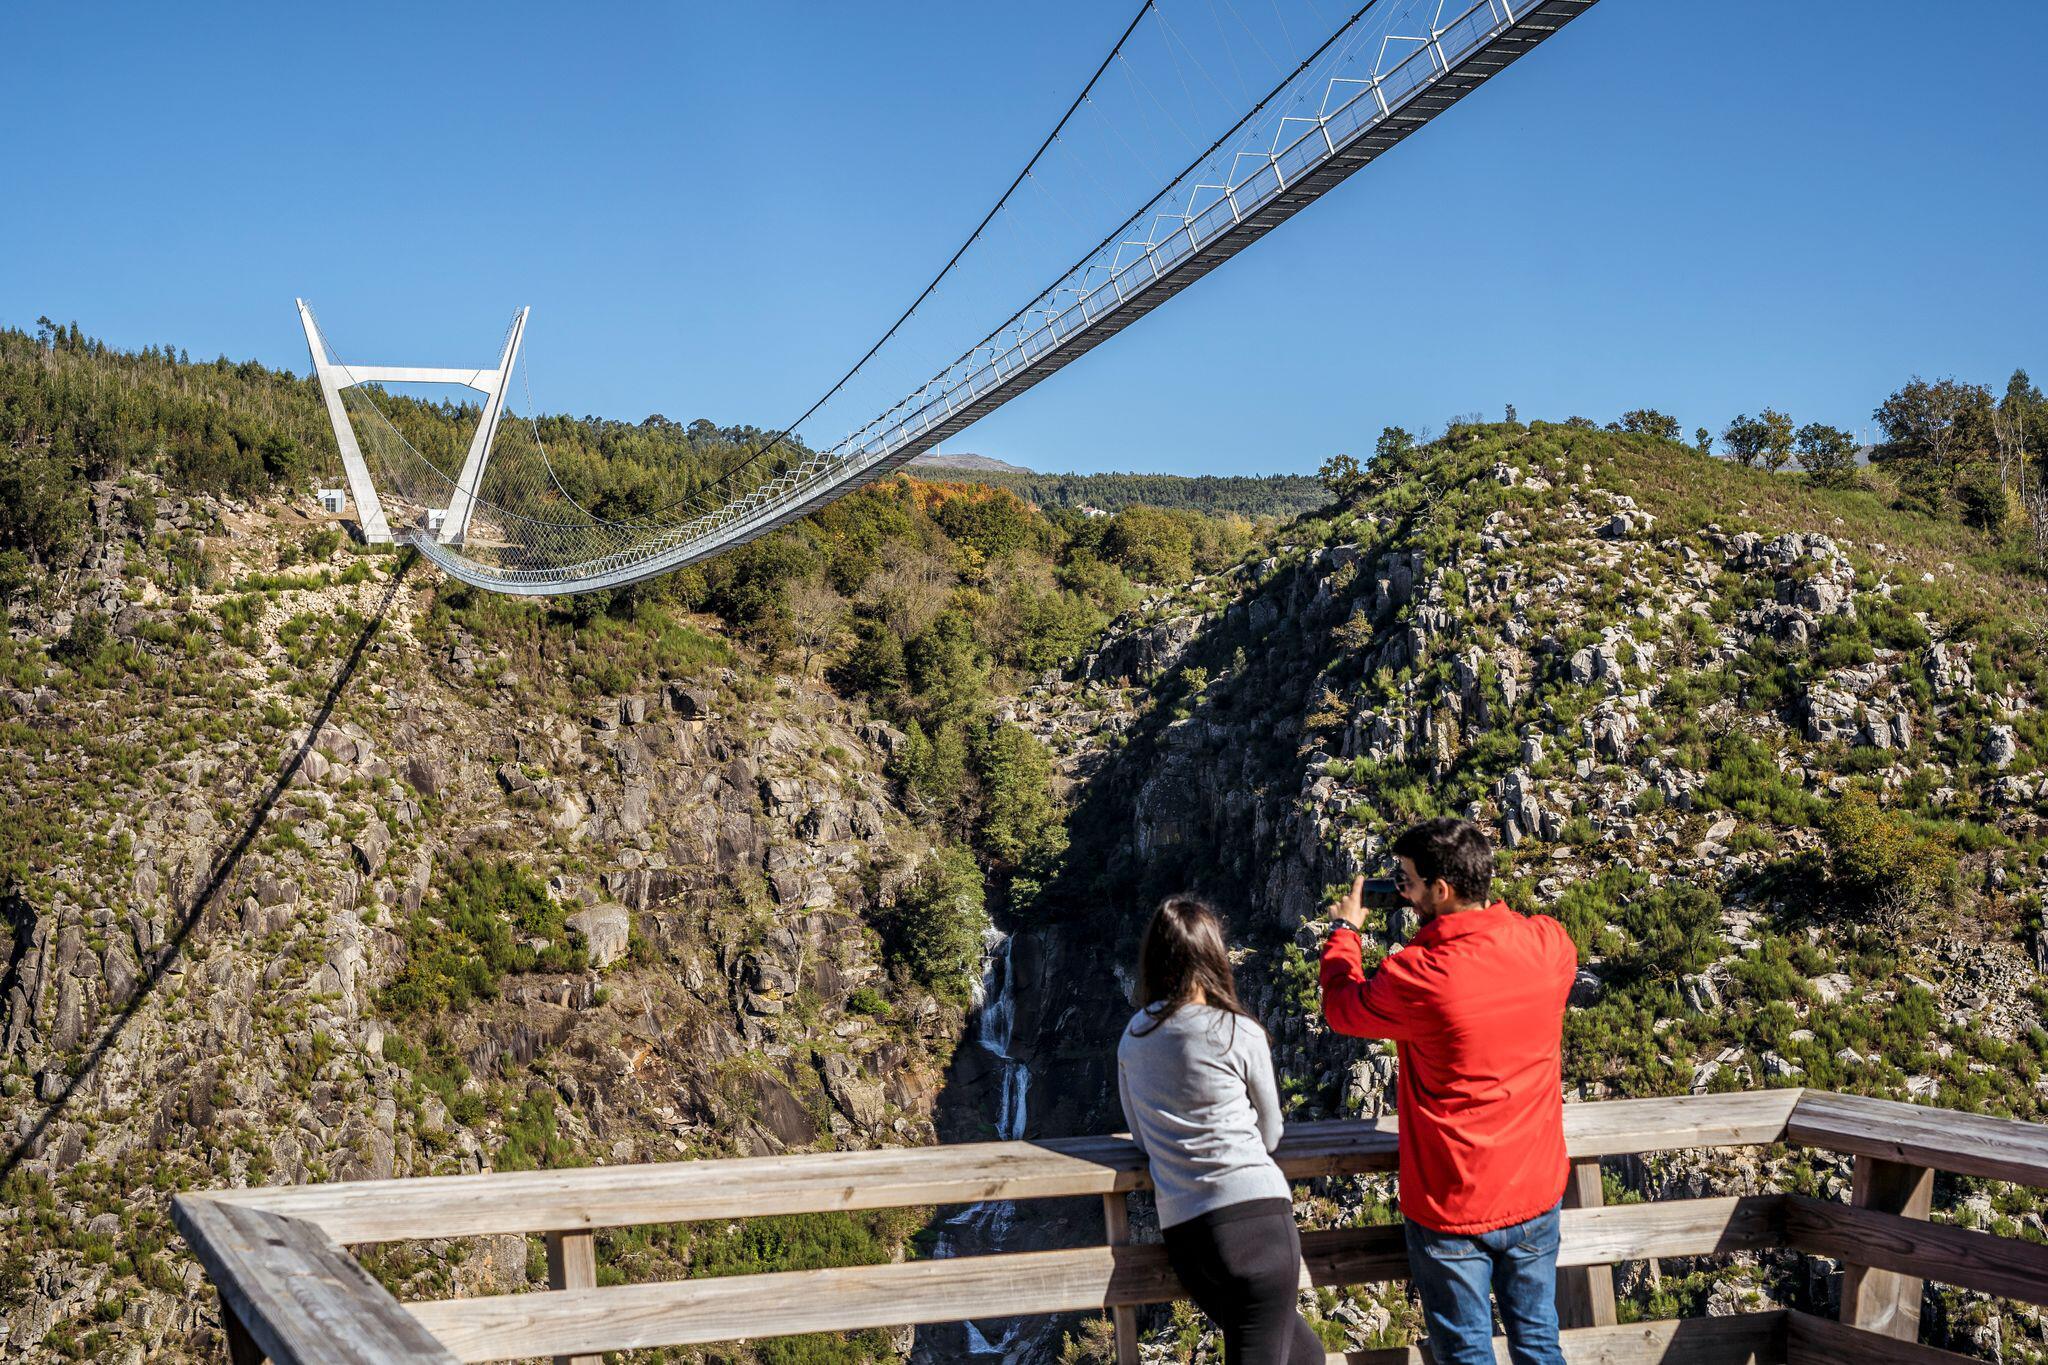 Bild zu Fussgänger-Hängebrücke in Portugal